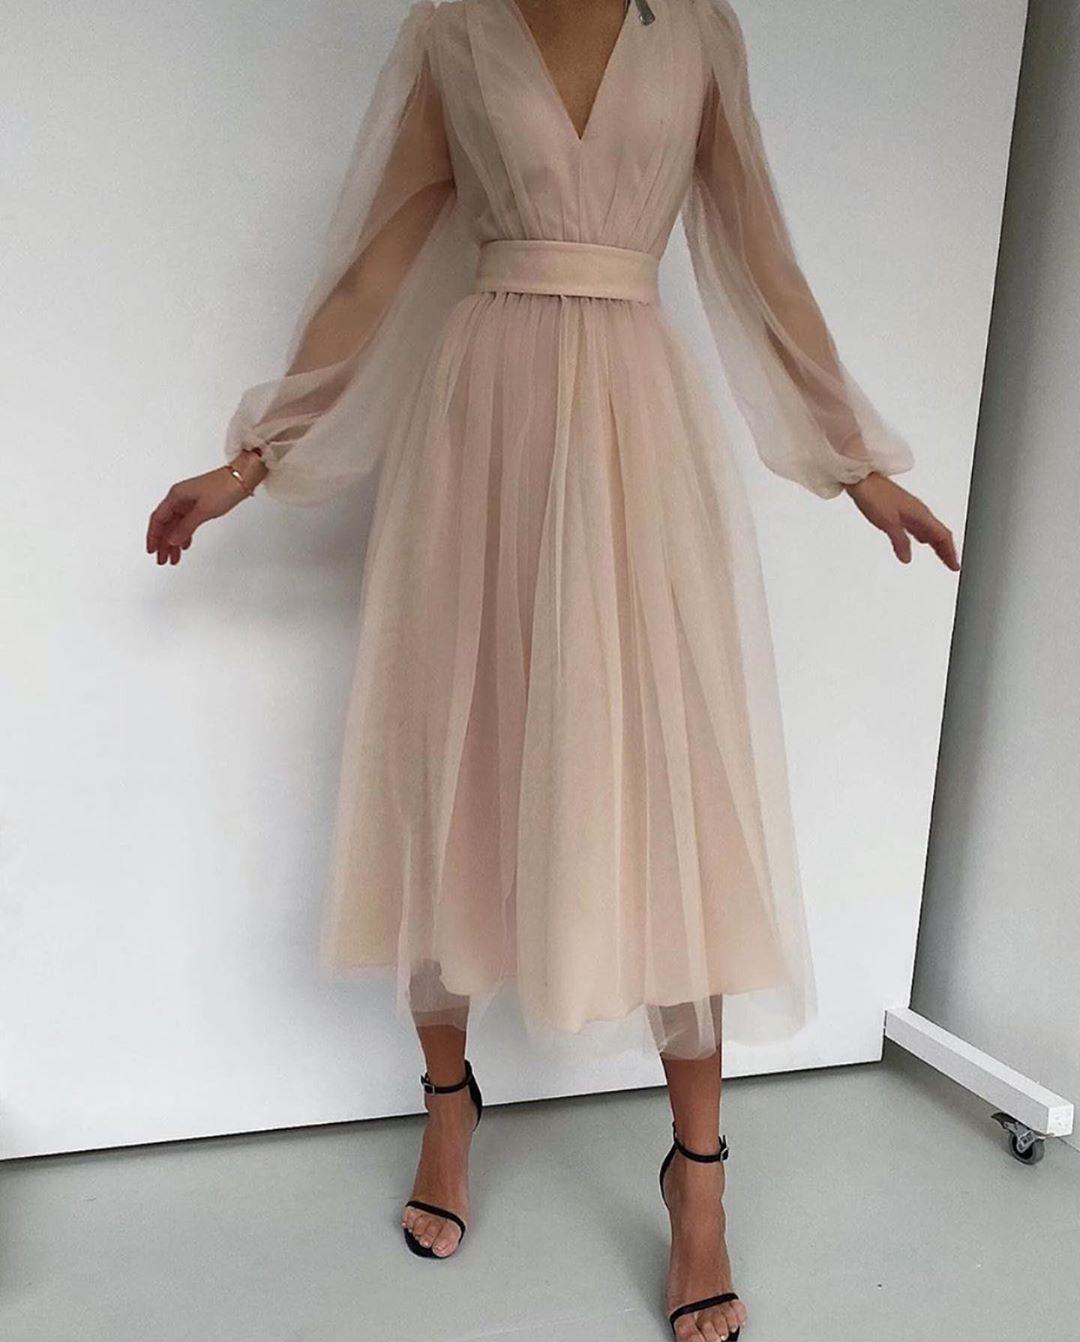 6 563 Begenme 301 Yorum Instagram Da Butik Vanilya Butikvanilya 1000 Tl Hediye Ceki Kazanmak I 2020 Elbiseler Aksamustu Giysileri Mezunlar Gecesi Elbiseleri